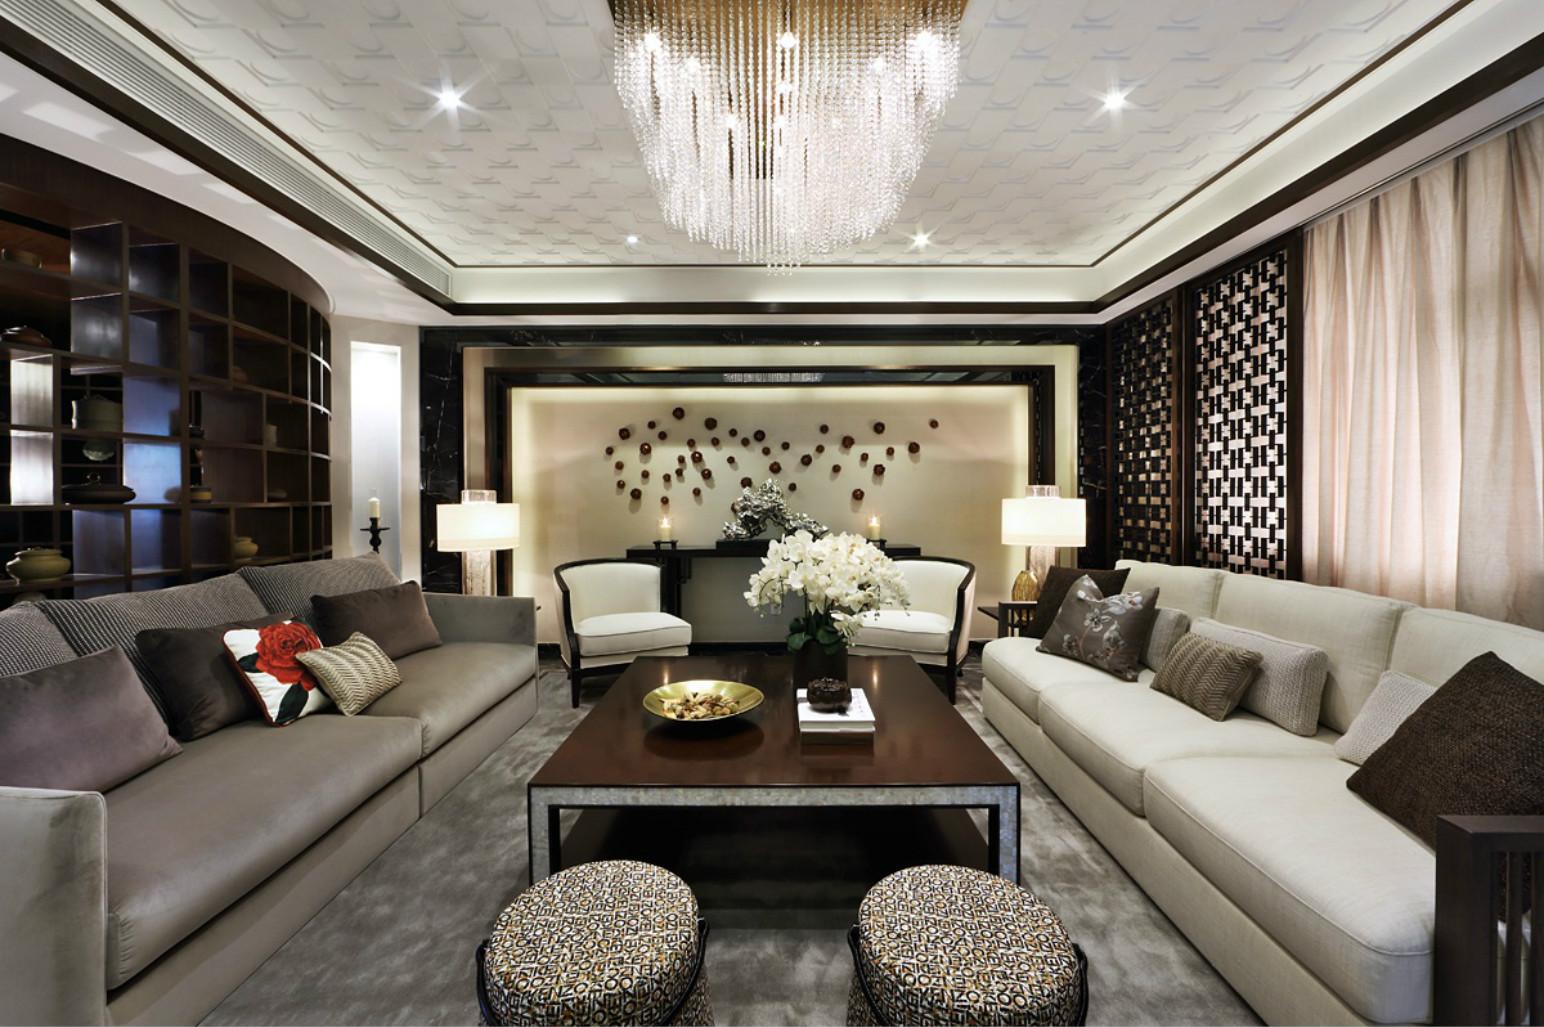 客厅黑色茶几搭配灰色沙发让整个空间尊贵又不失高雅。